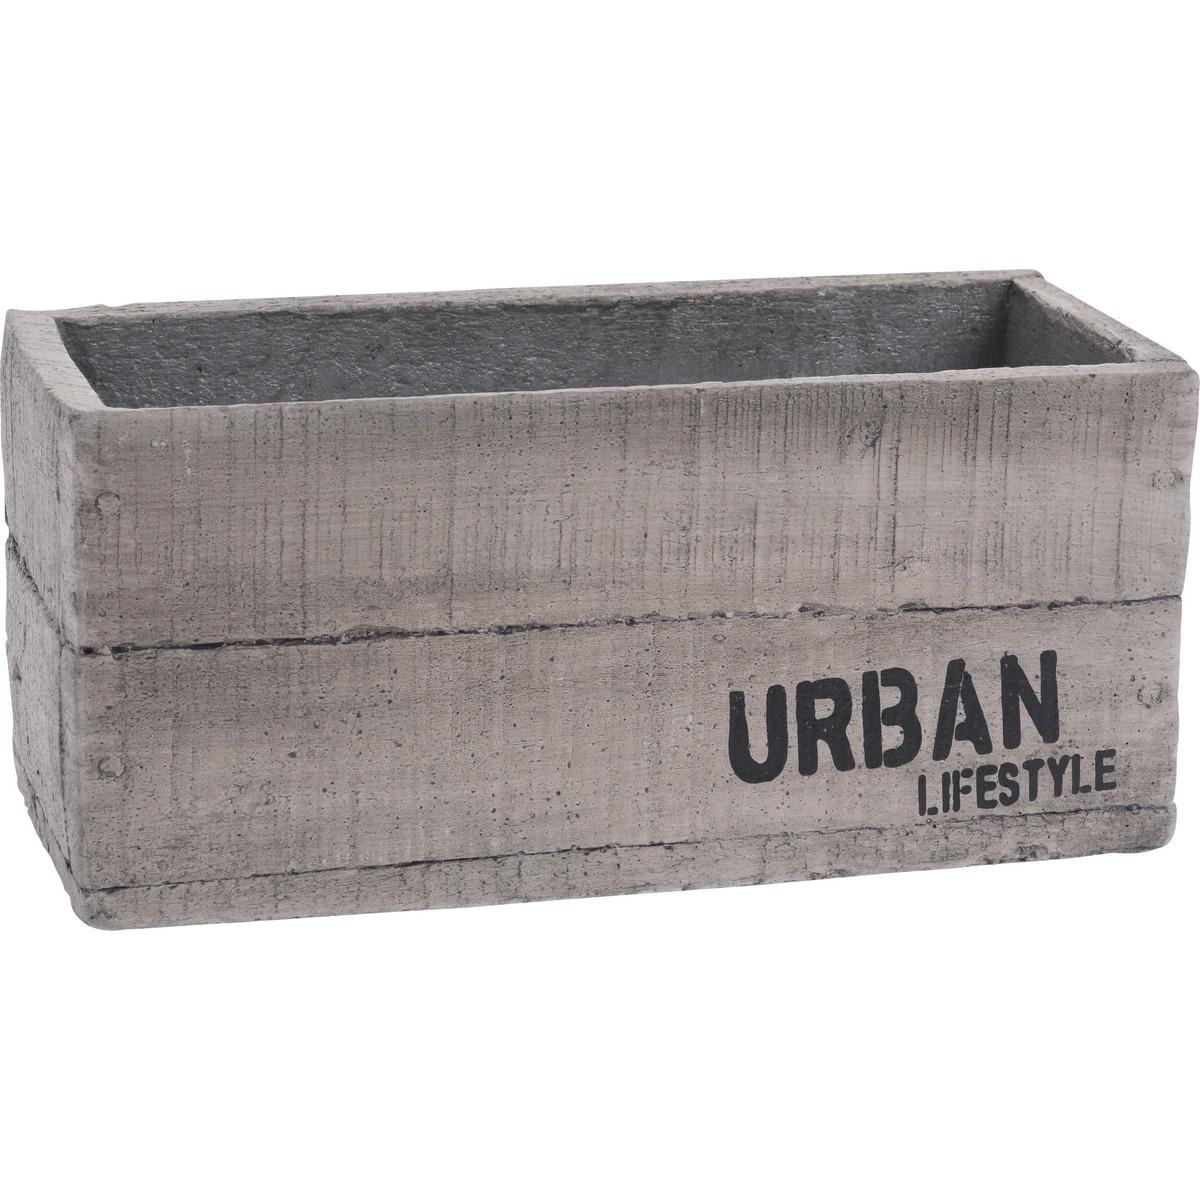 Osłonka cementowa na doniczkę Urban lifestyle, 23 x 11 x 10,5 cm